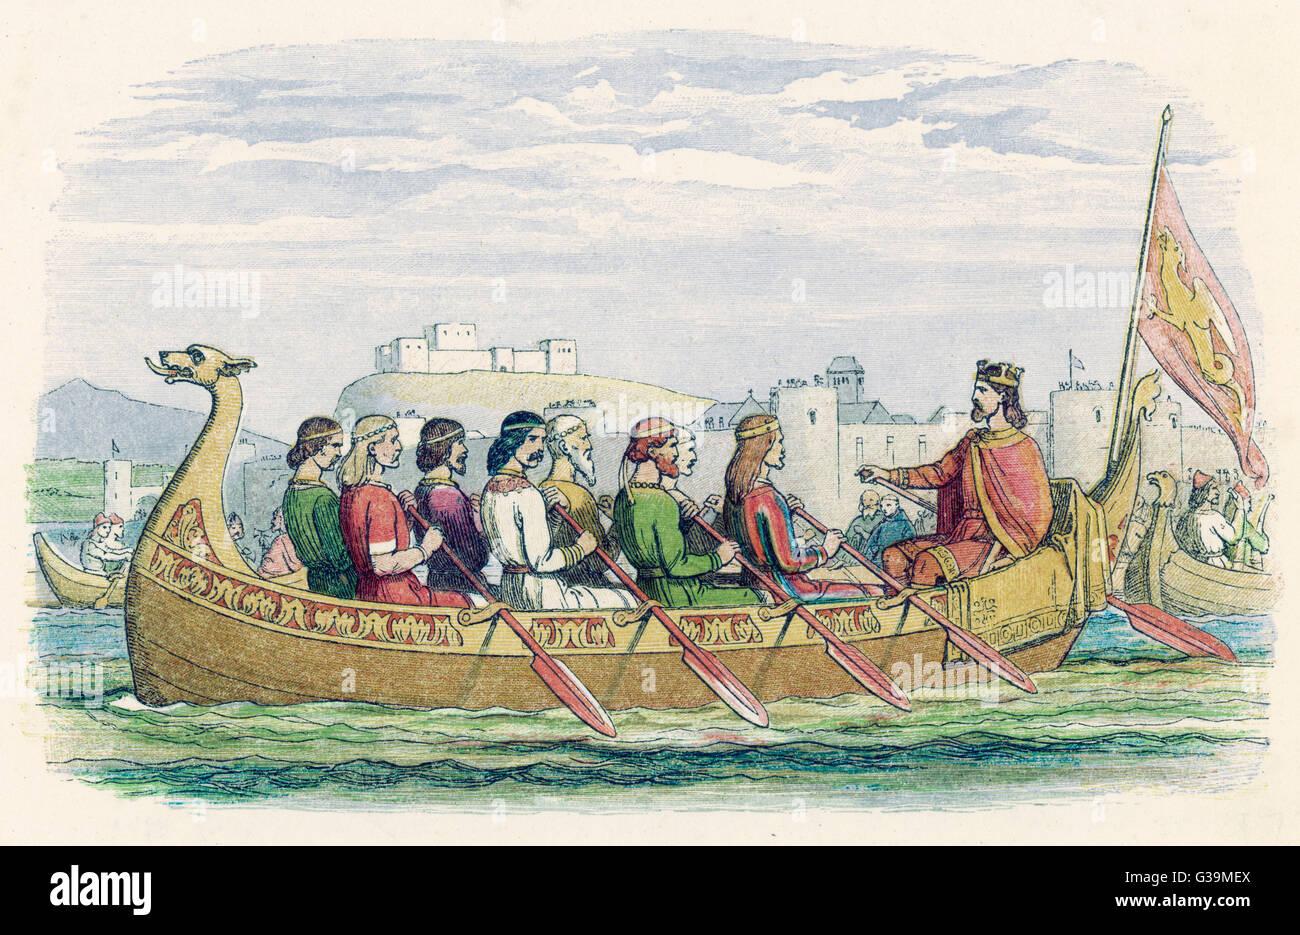 Edgar est ramé onn l Dee par huit rois de démontrer sa suzeraineté et prétentions impériales. Photo Stock